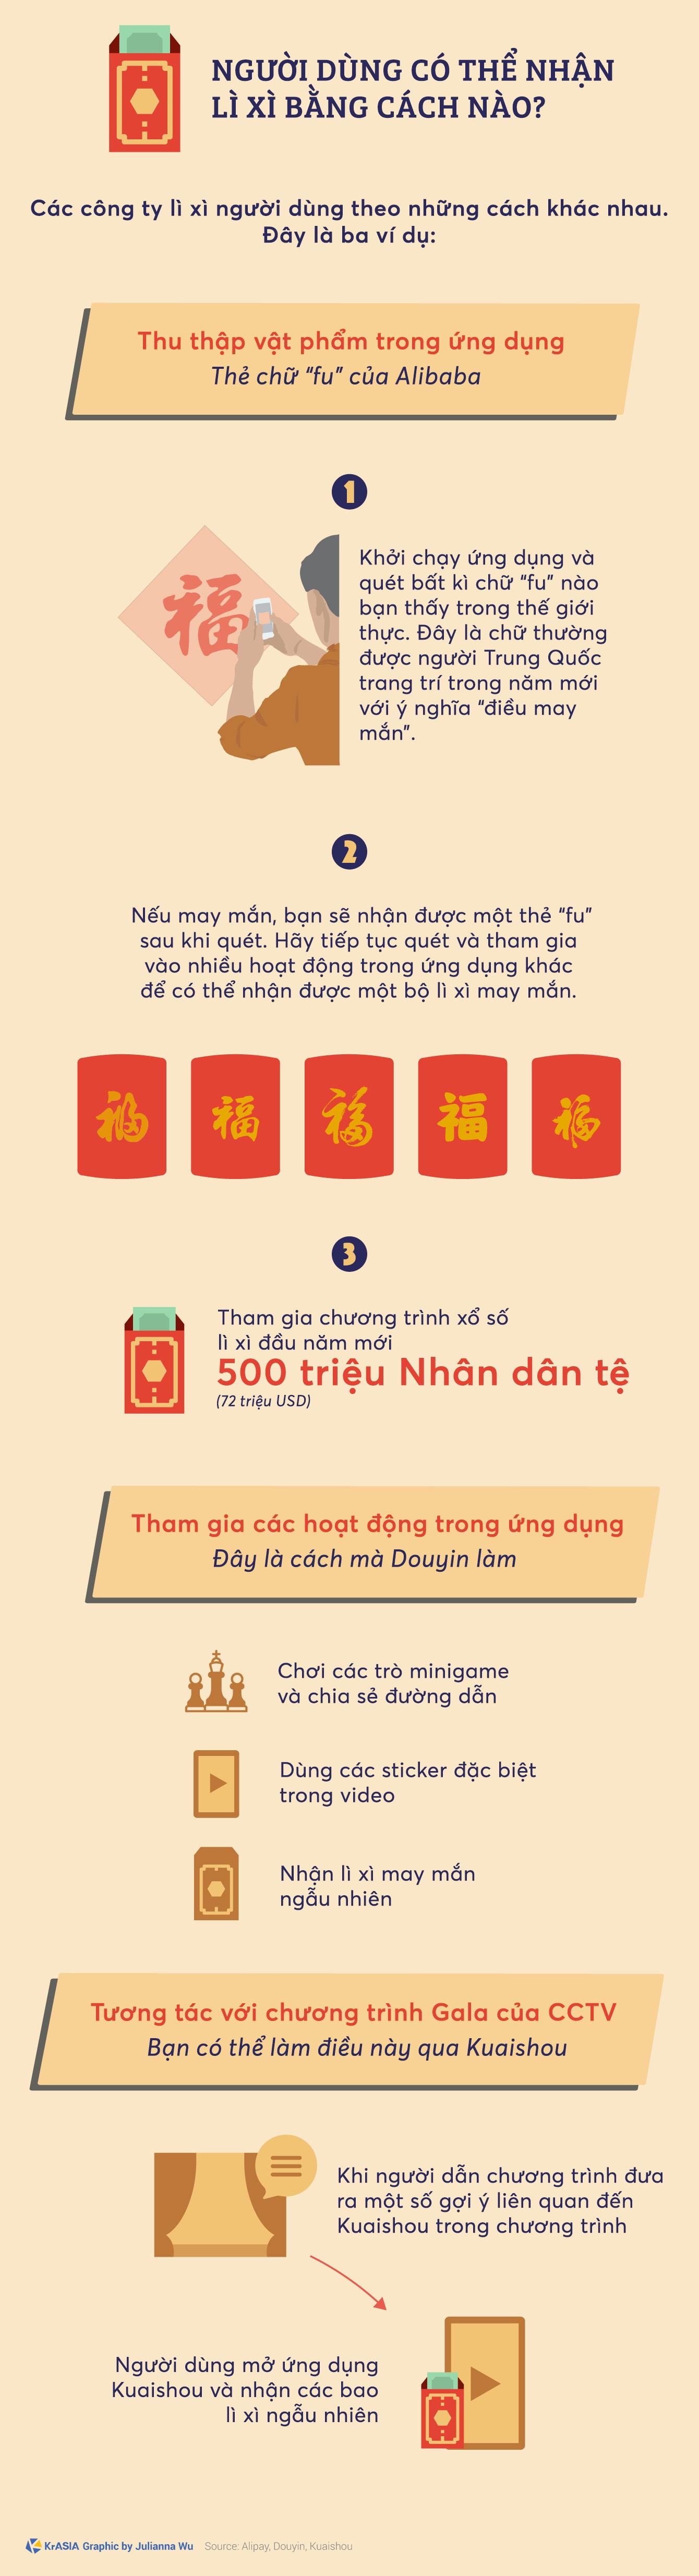 [Infographic] Cơn mưa lì xì 10 tỉ nhân dân tệ từ các công ty công nghệ Trung Quốc dịp Tết Nguyên đán - Ảnh 2.